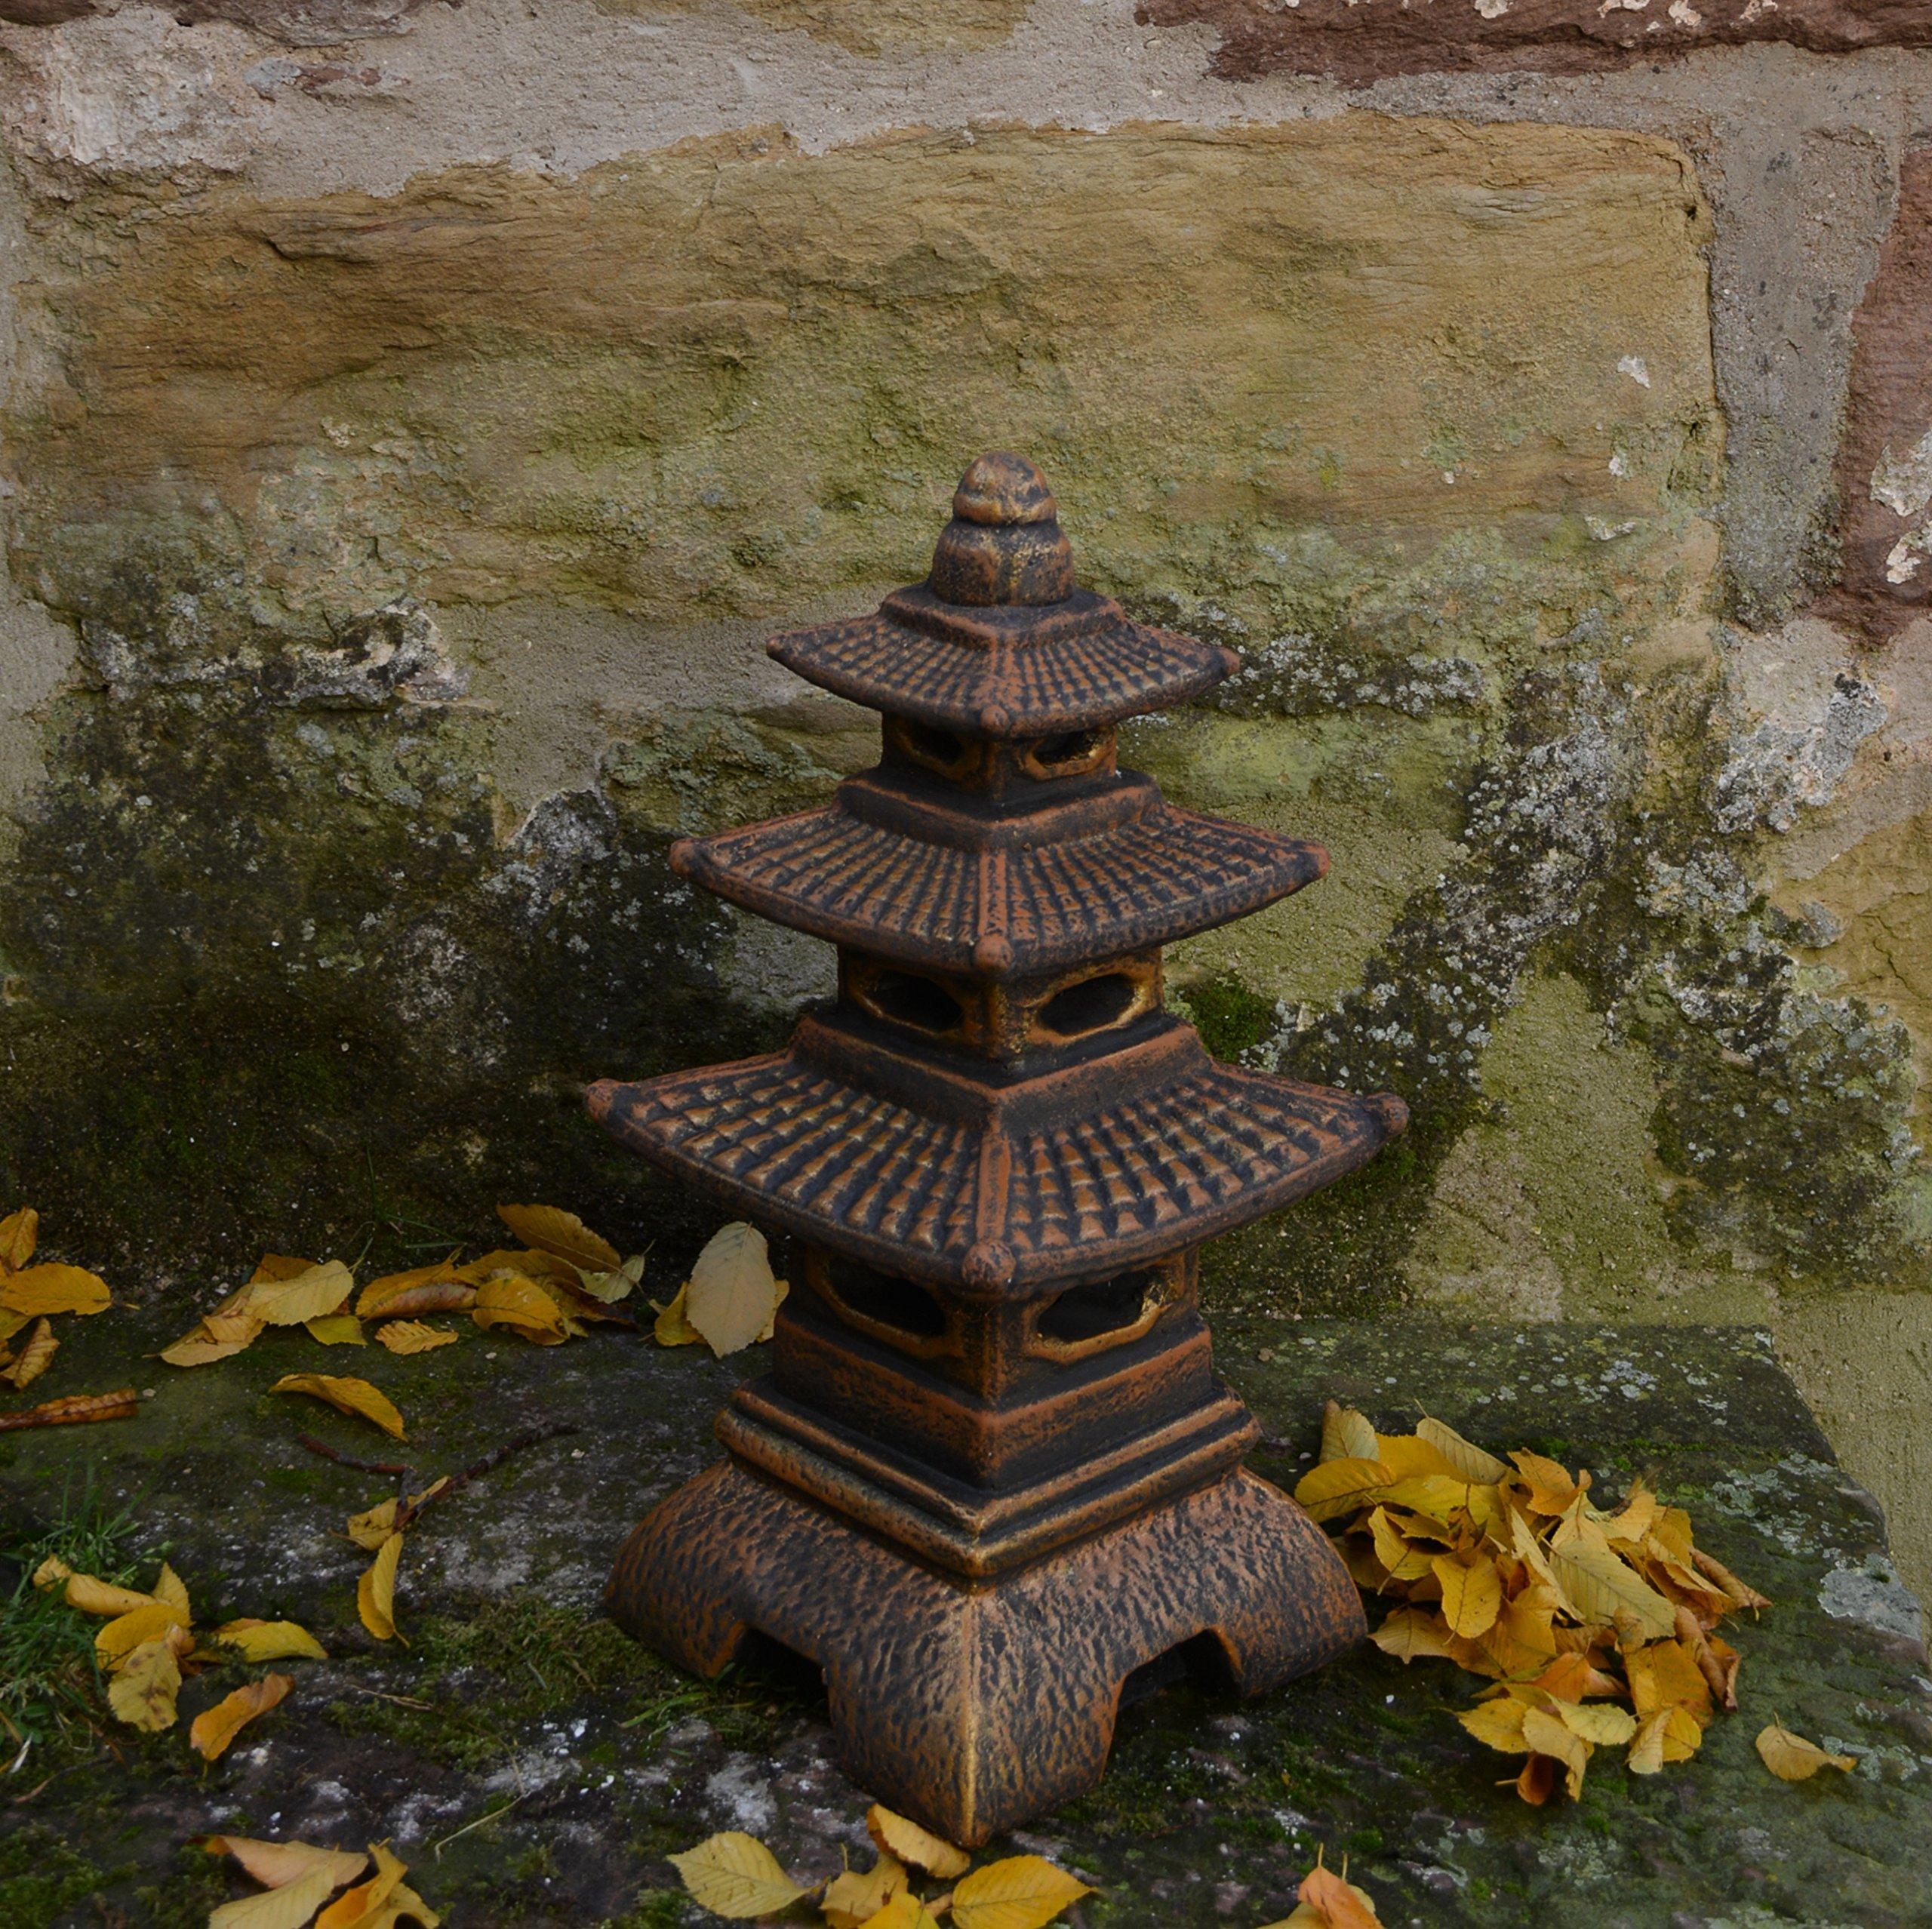 Masiva linterna japonesa de piedra con forma de pagoda, de piedra artificial, resistente a las heladas, dorado, 46 cm: Amazon.es: Jardín